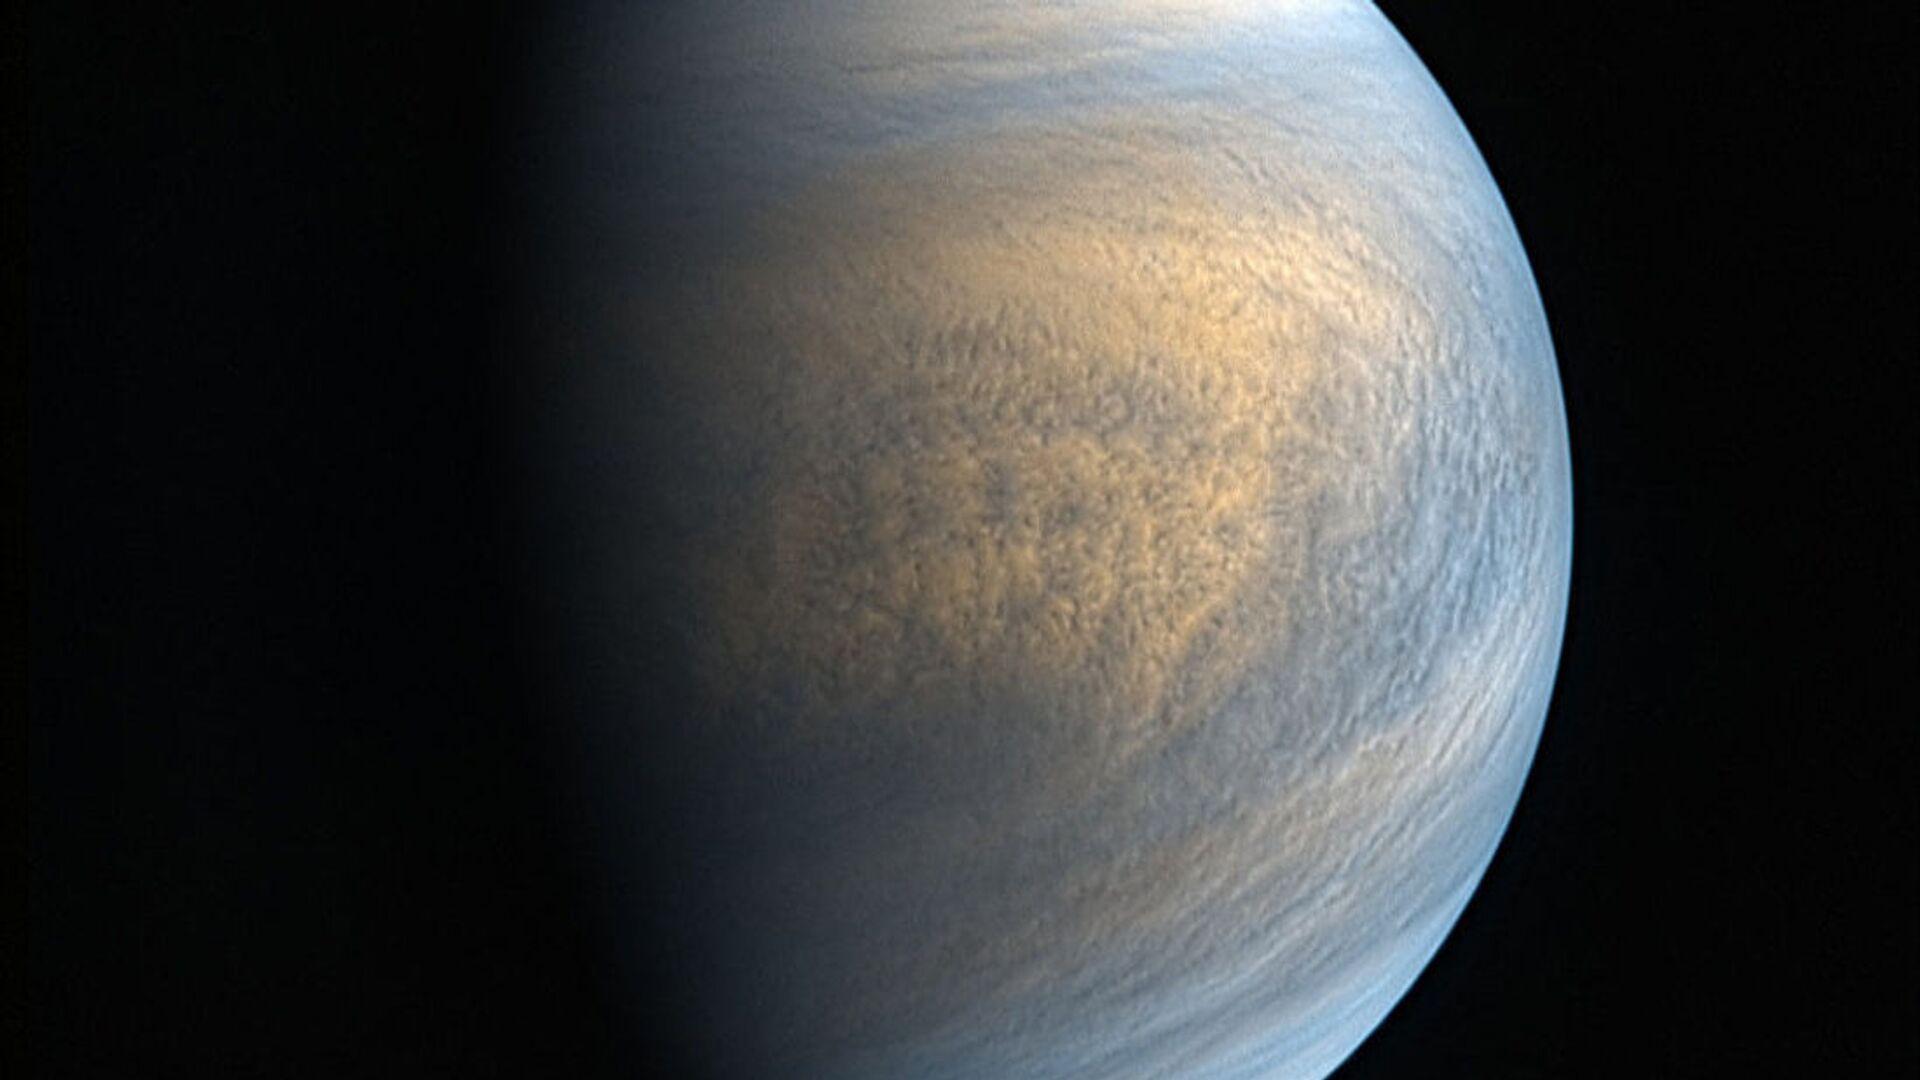 Zdjęcie Wenus w zakresie optycznym i ultrafioletowym wykonane przez kamery sondy Akatsuki - Sputnik Polska, 1920, 13.10.2021